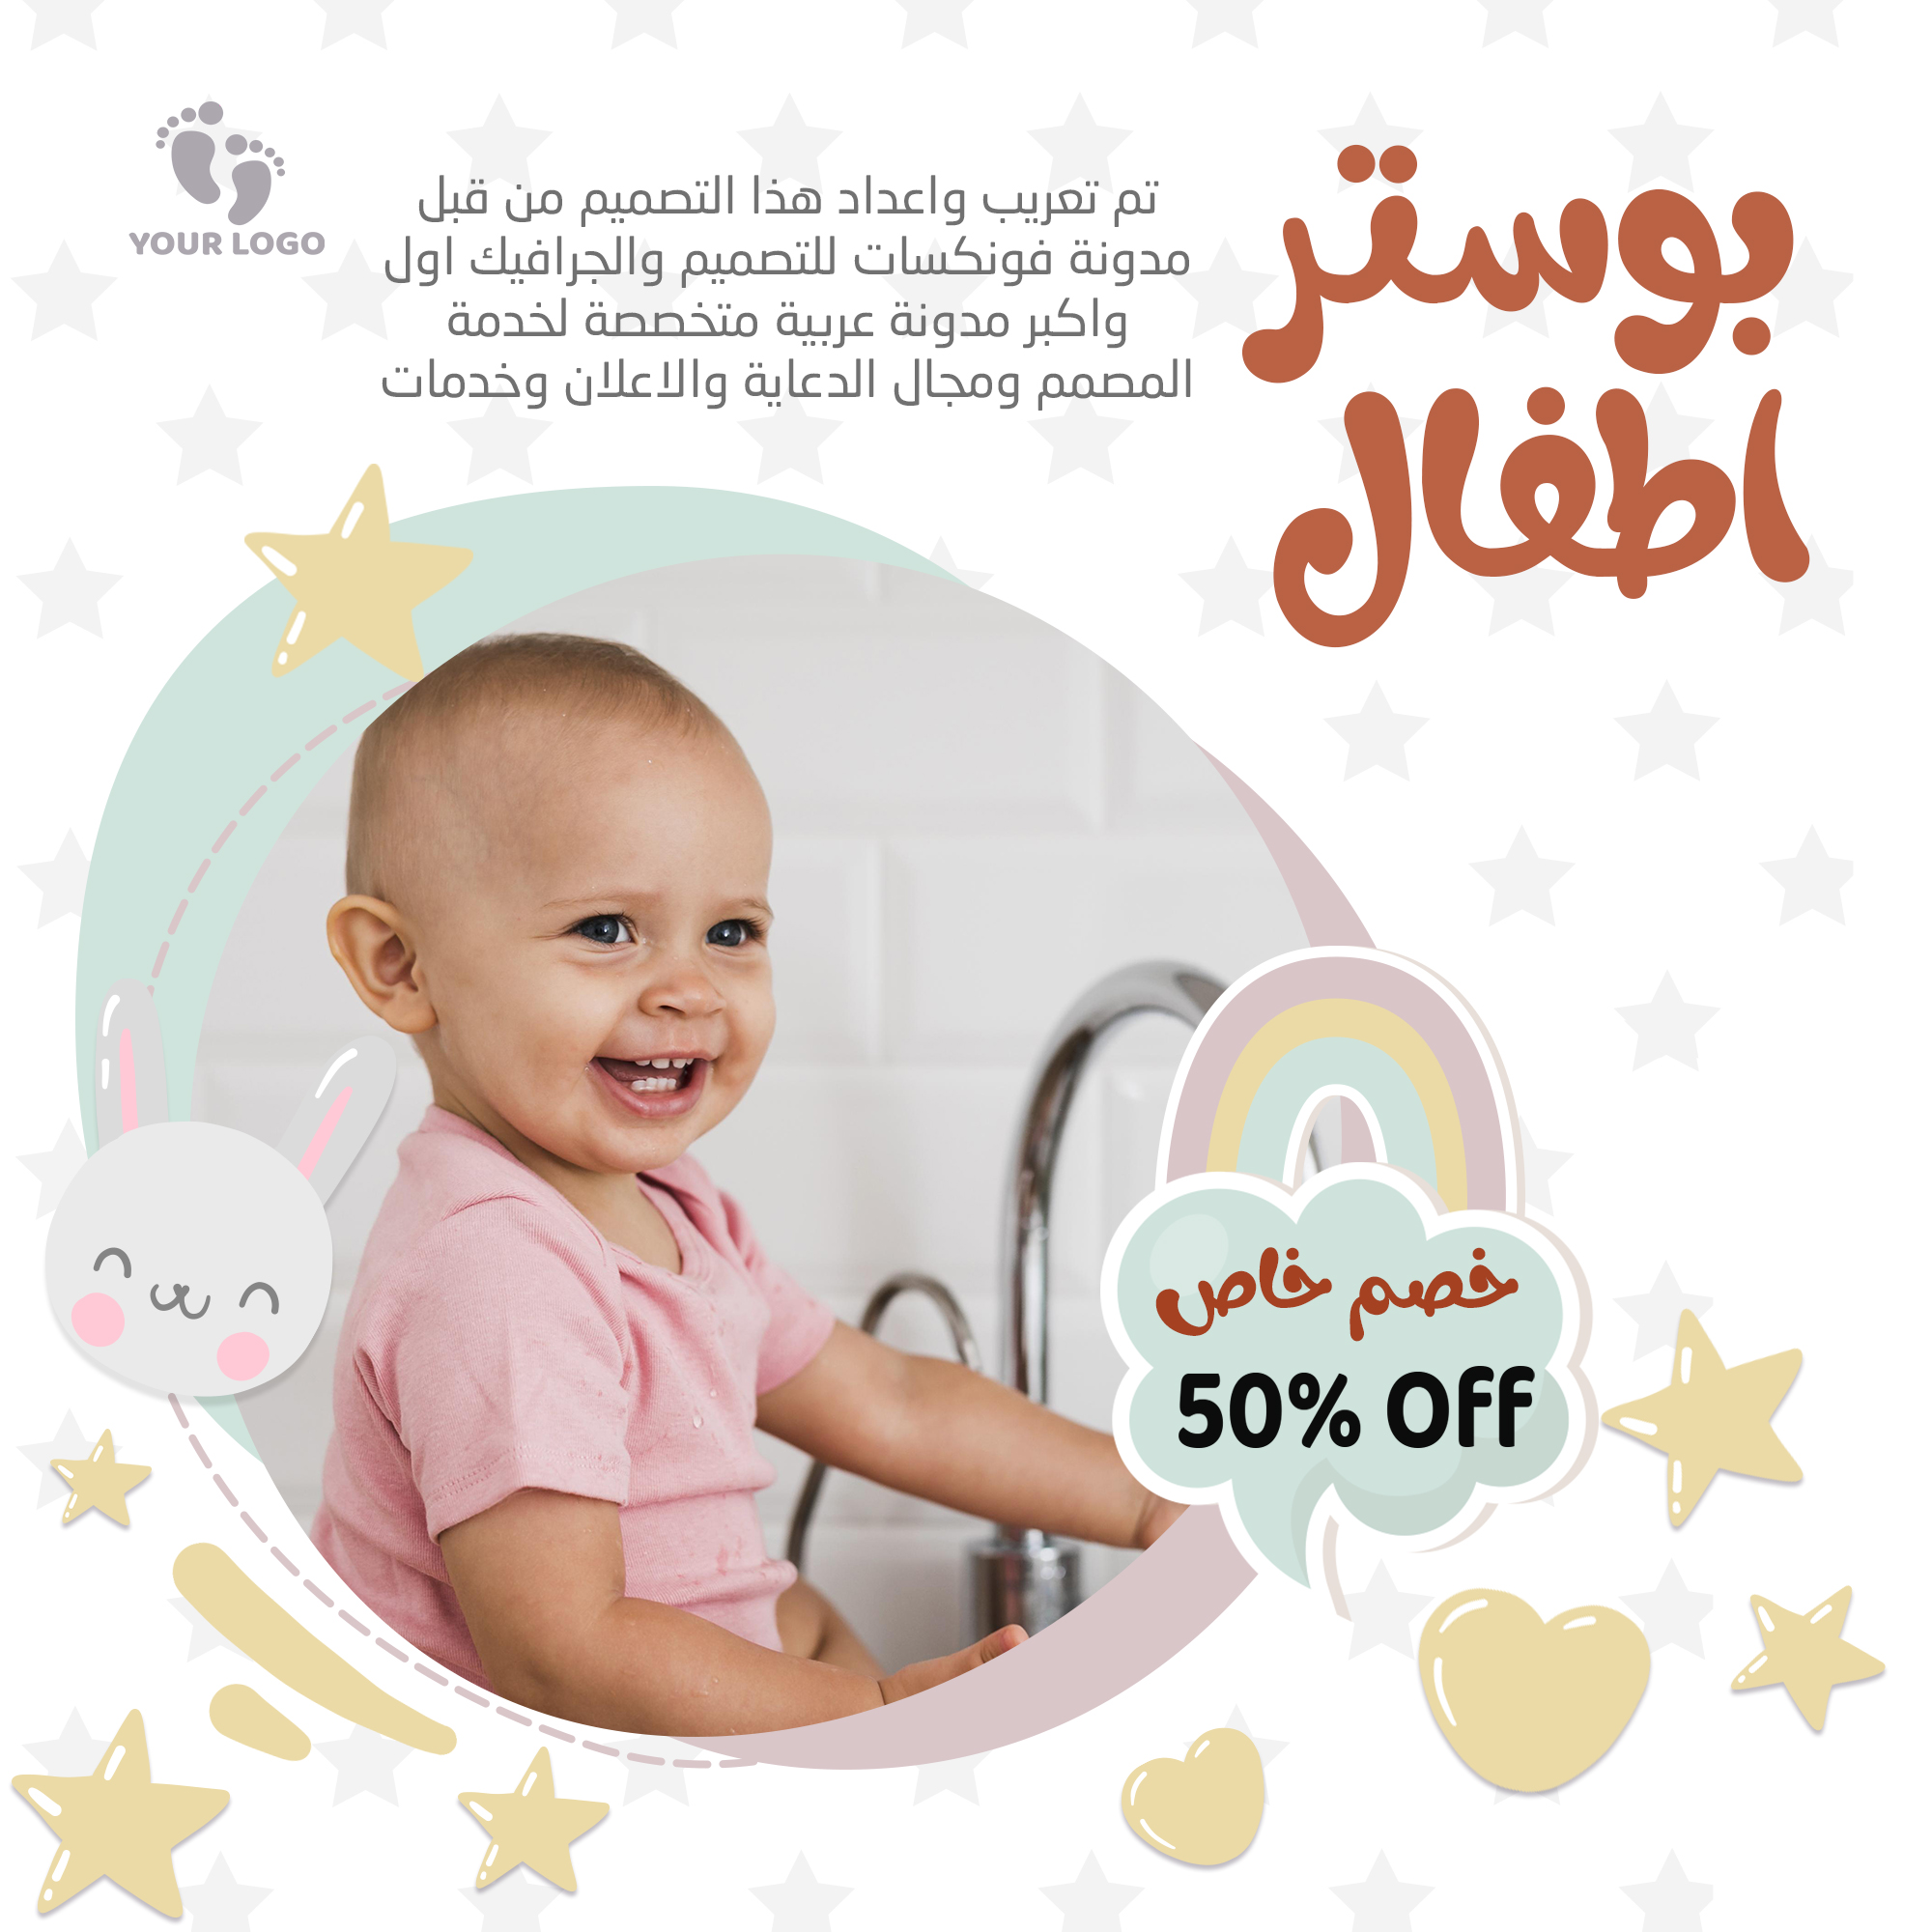 تحميل تصميمات سوشيال ميديا للاطفال وبيع منتجات الطفل PSD